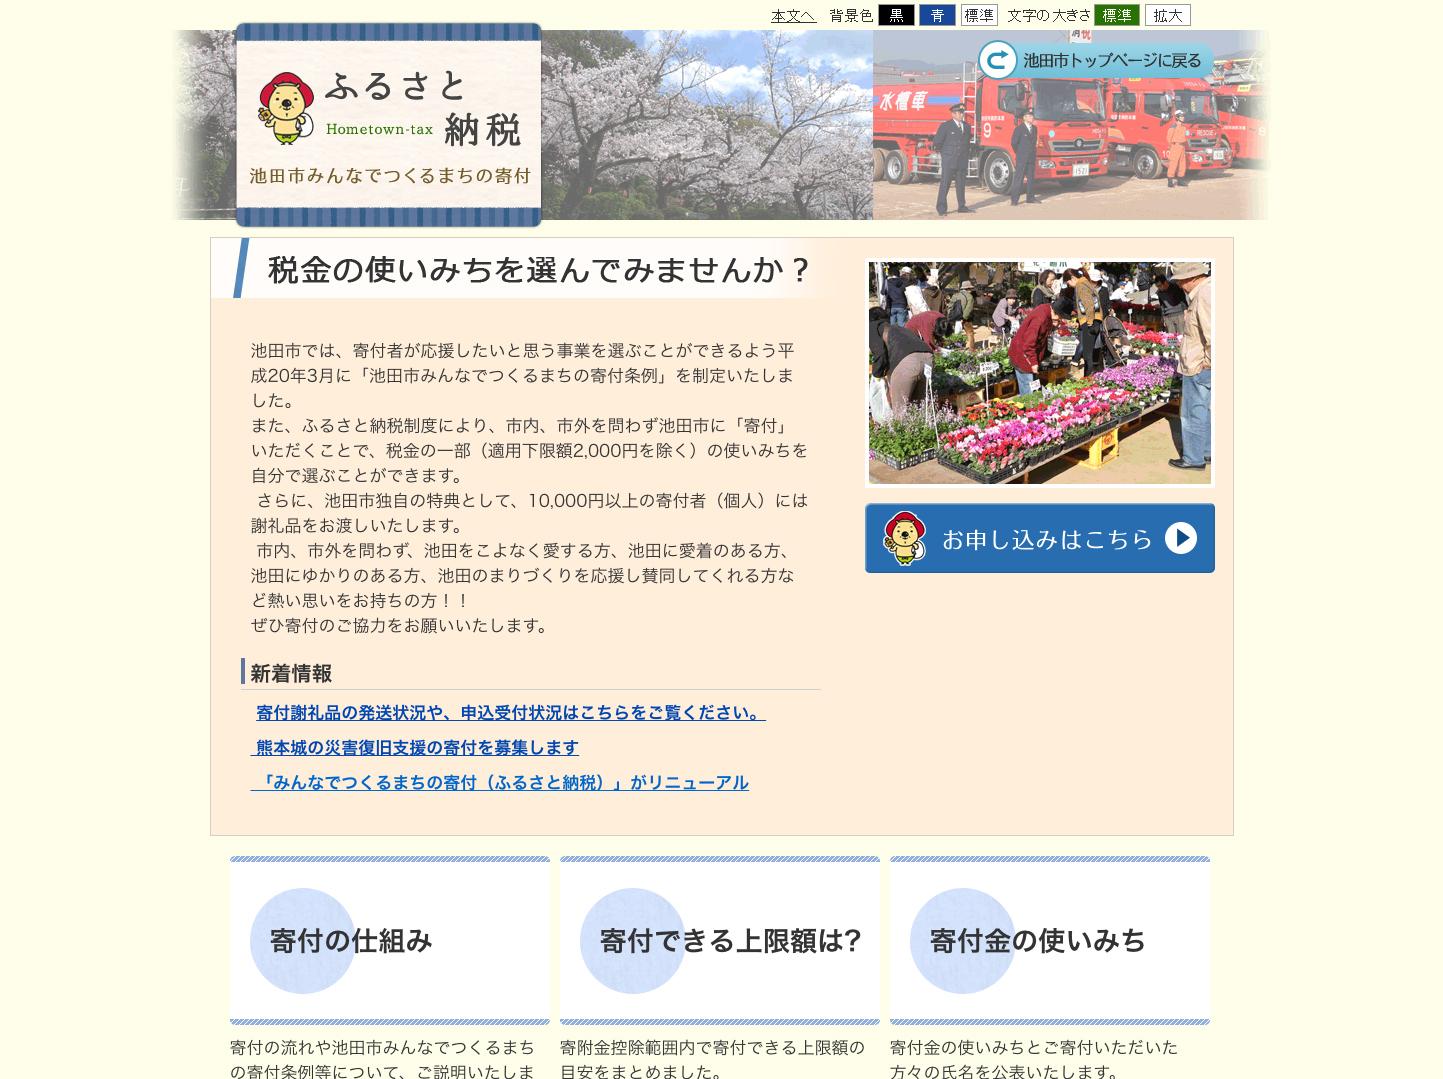 ikeda_city